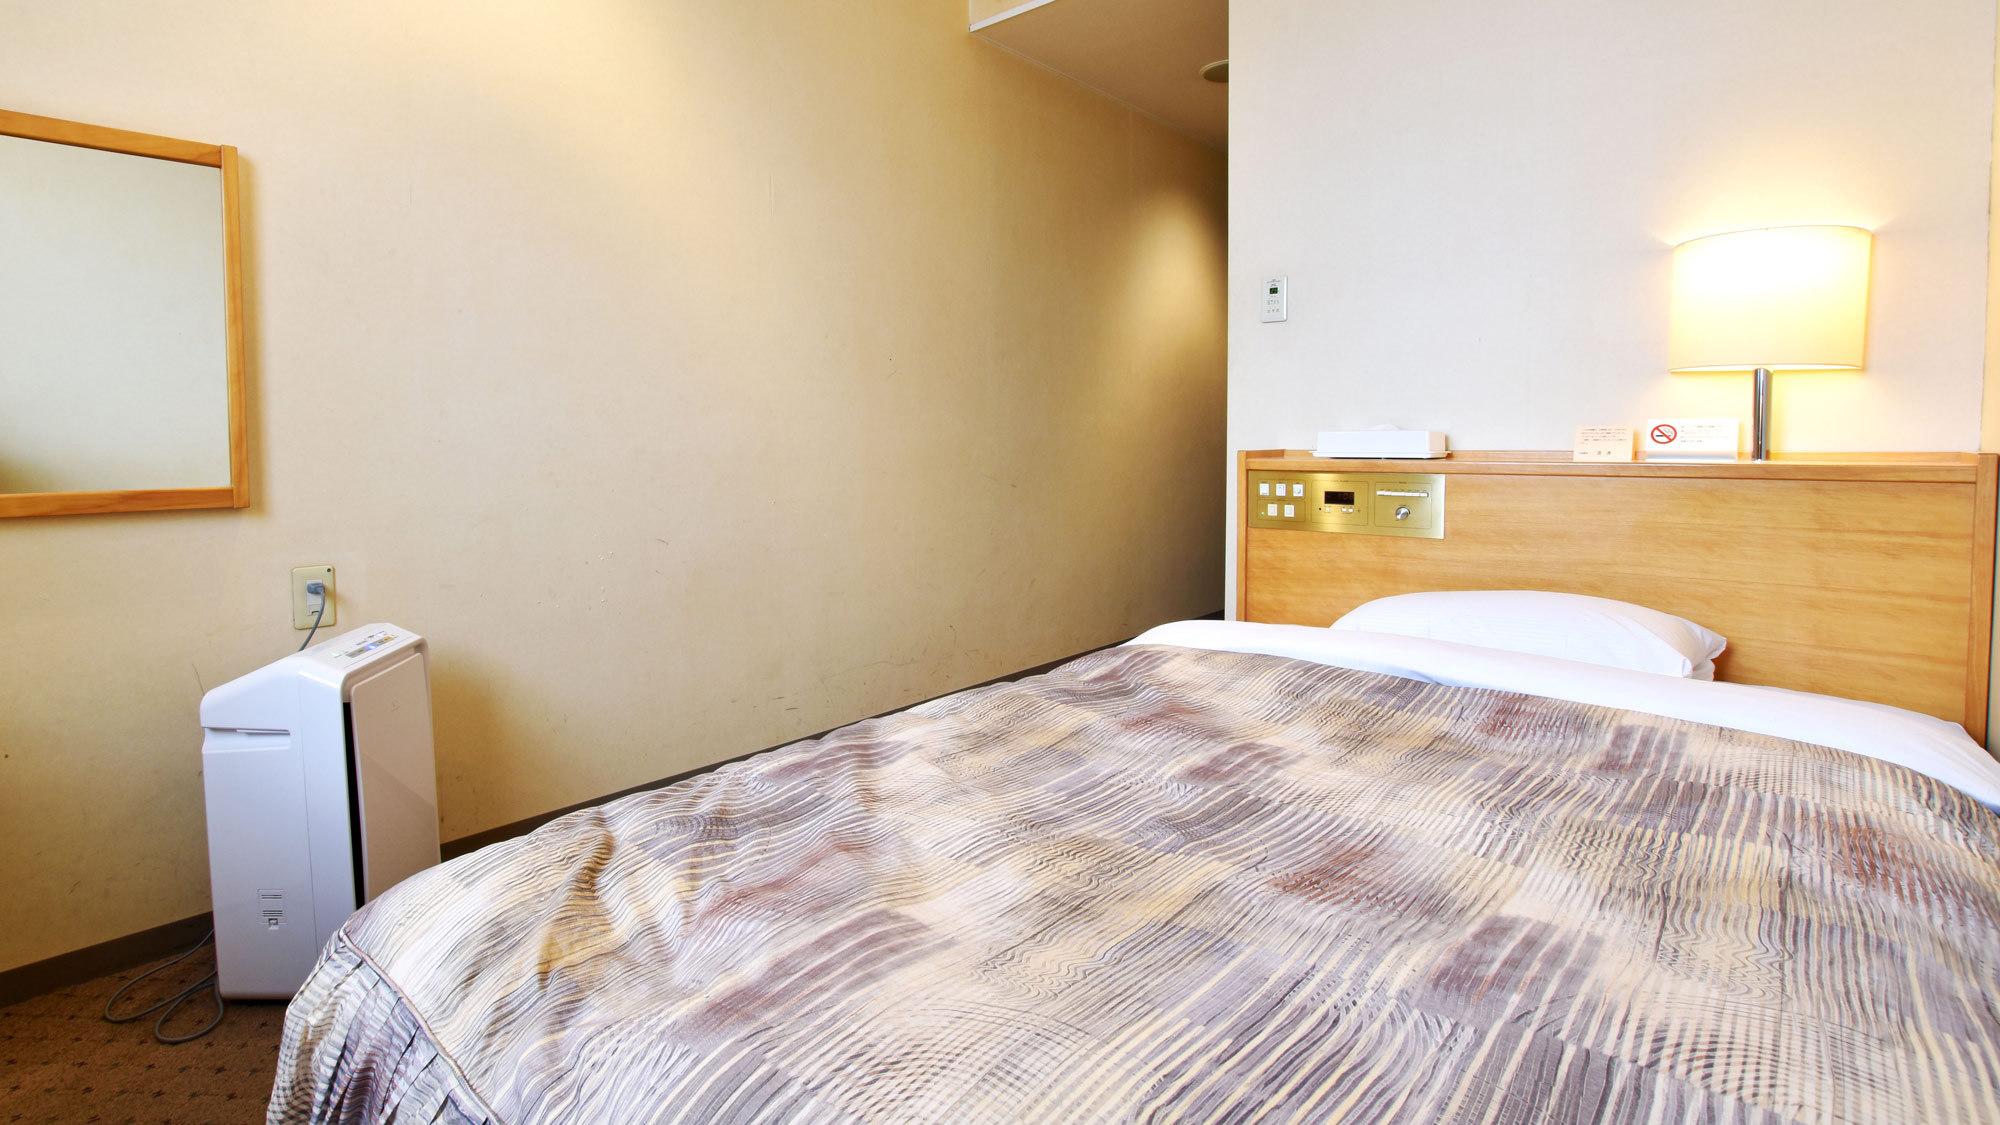 【シングルルーム】☆ベッド幅120cm。シンプルなお部屋です。